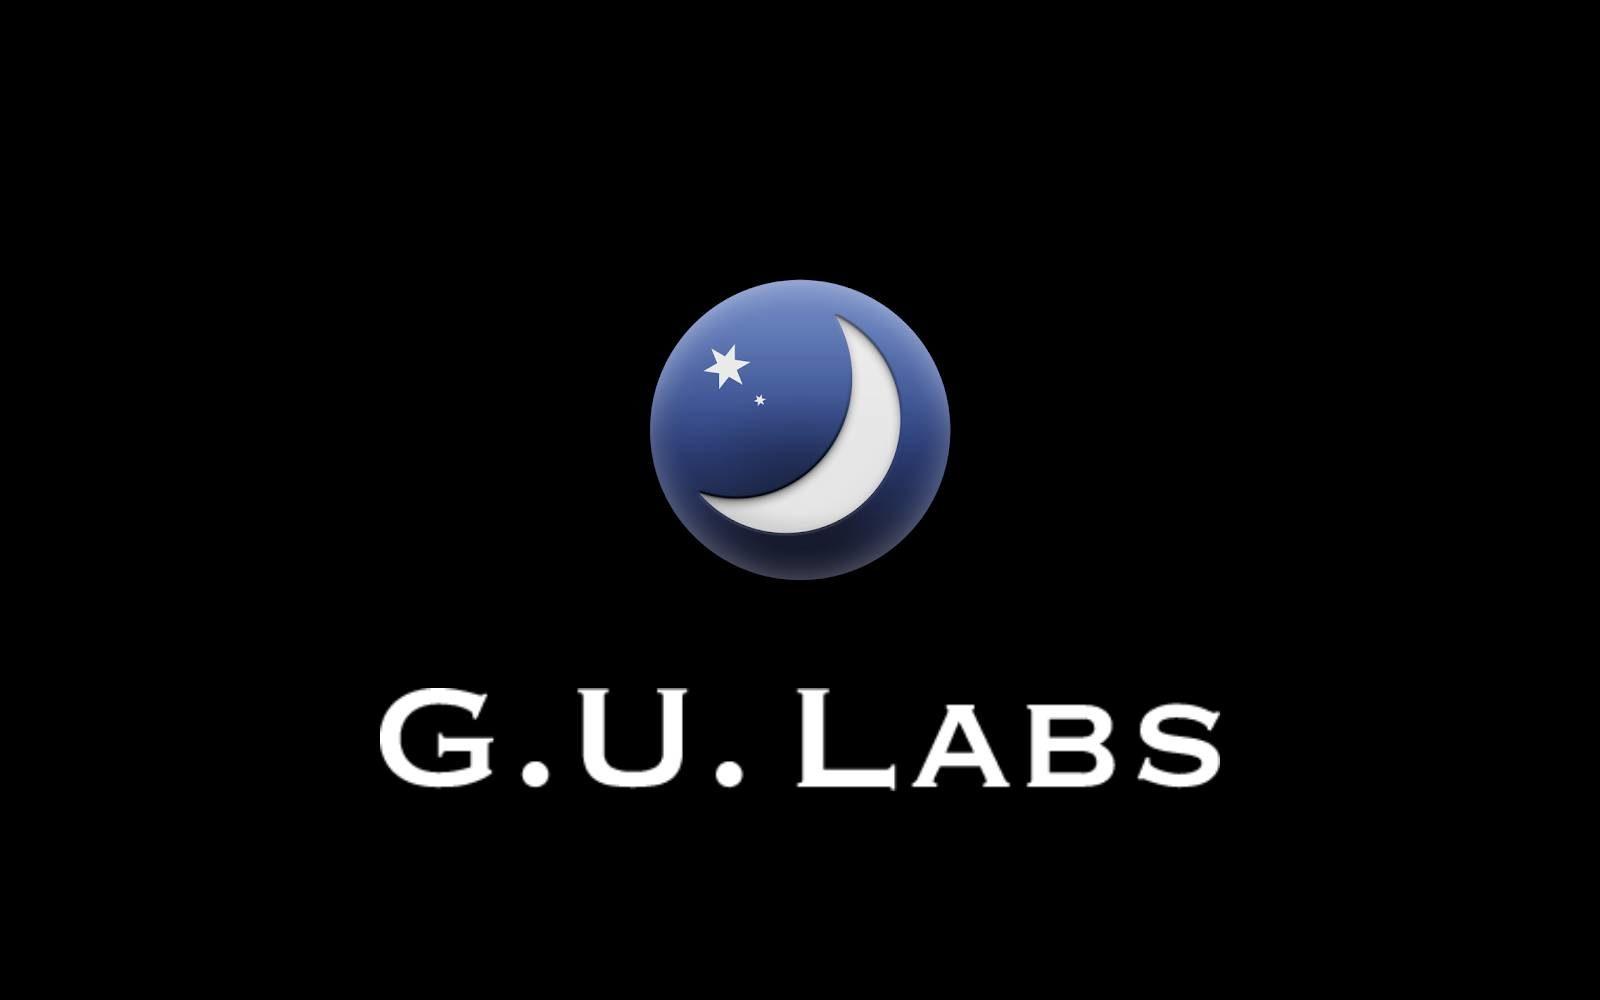 [プレスリリース]ウェブブラウザLunascape事業の買収およびソニー株式会社との共同研究開始のお知らせ~Lunascape Mobileの新バージョンも本日リリース~